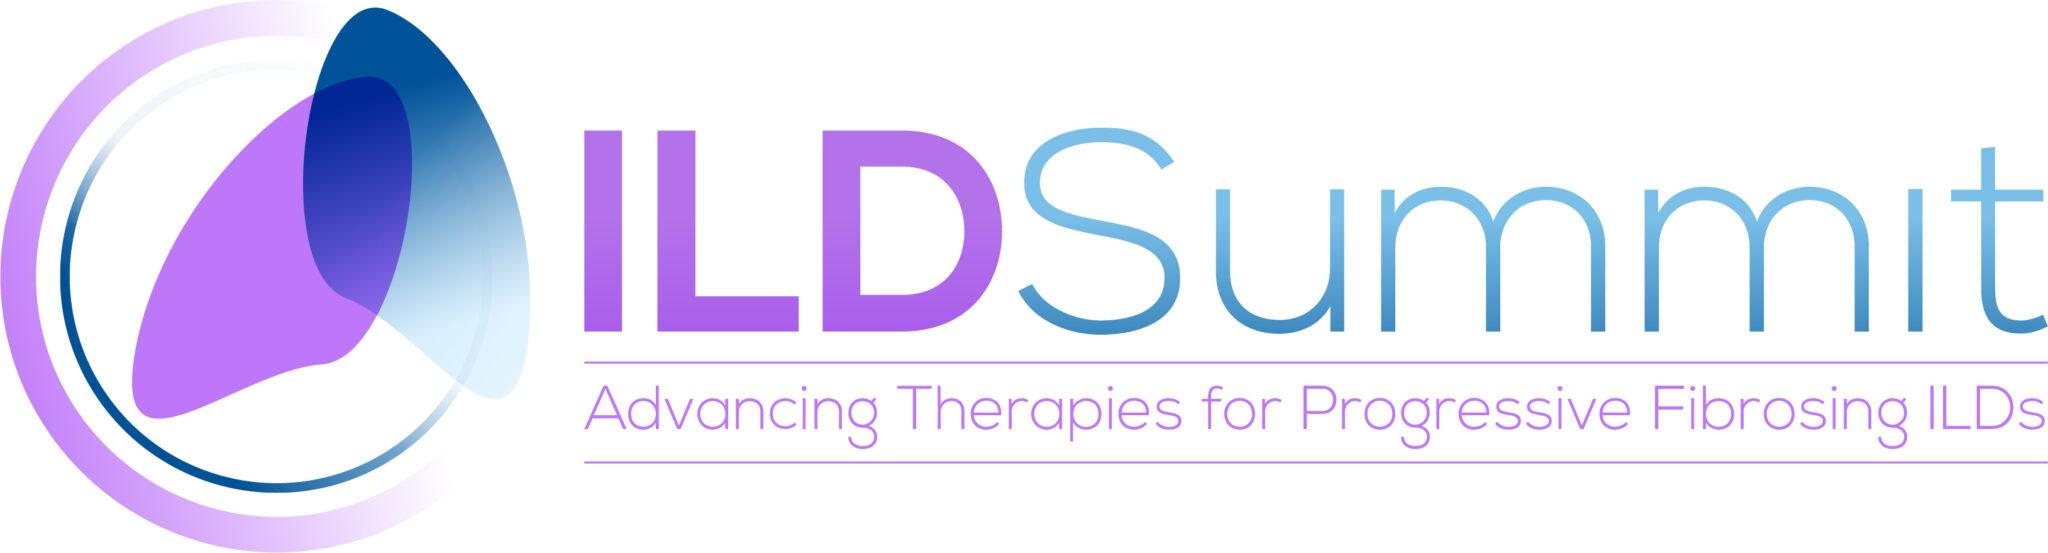 22138-Interstitial-Lung-Disease-Drug-Development-Summit-logo-NO-DATE-2048x553